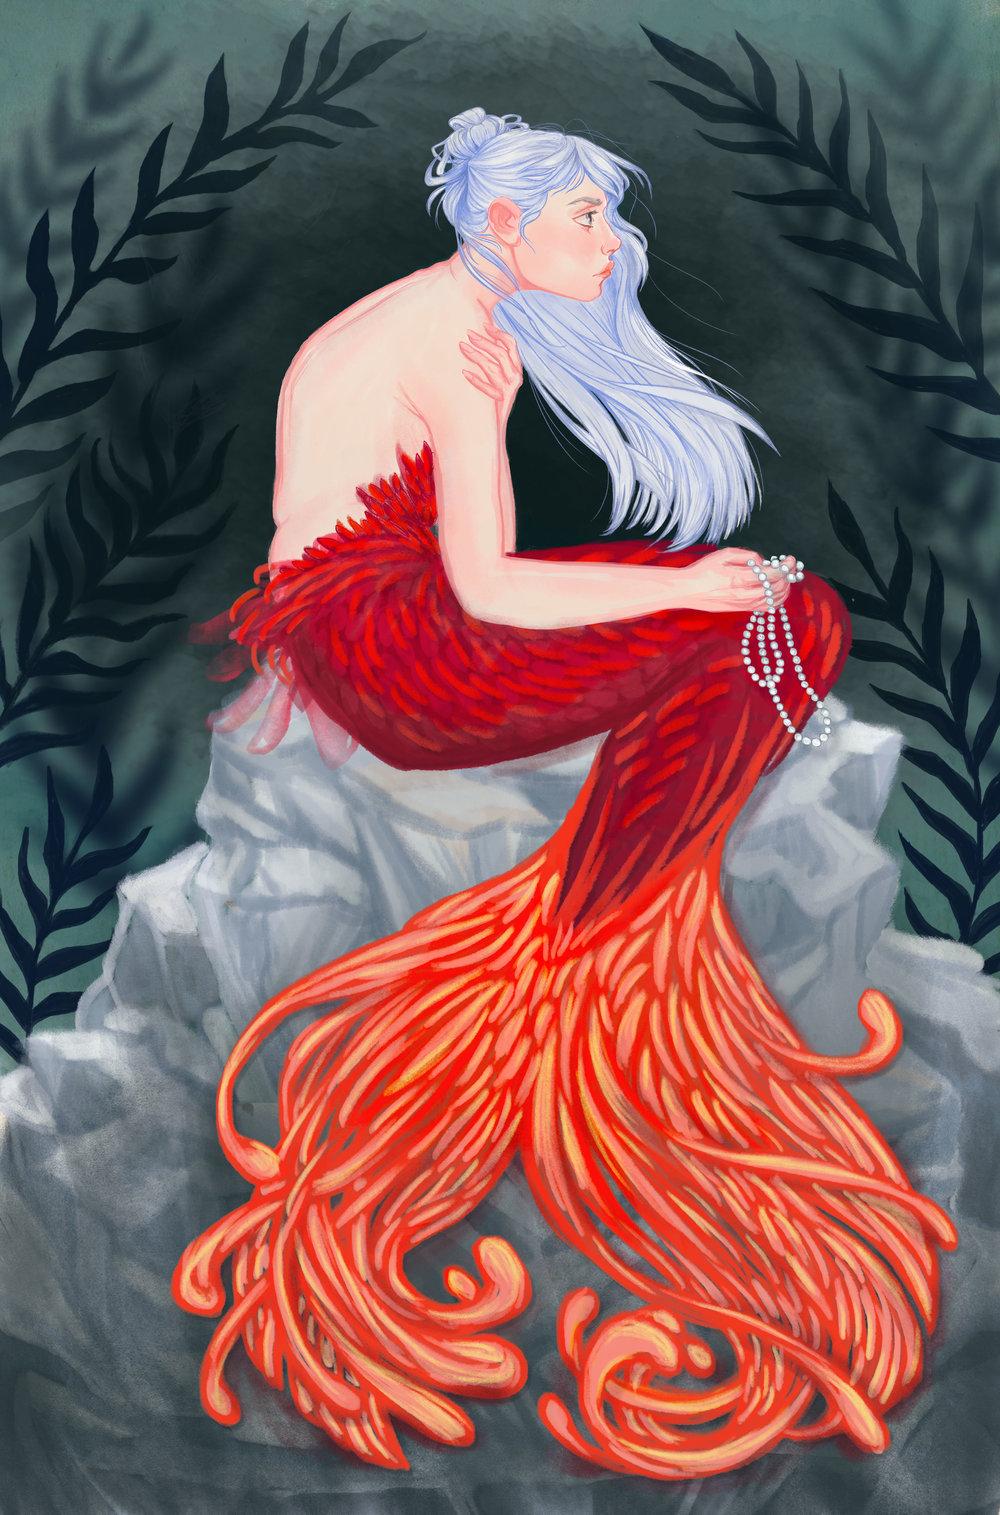 mermaid_V1.01.jpg